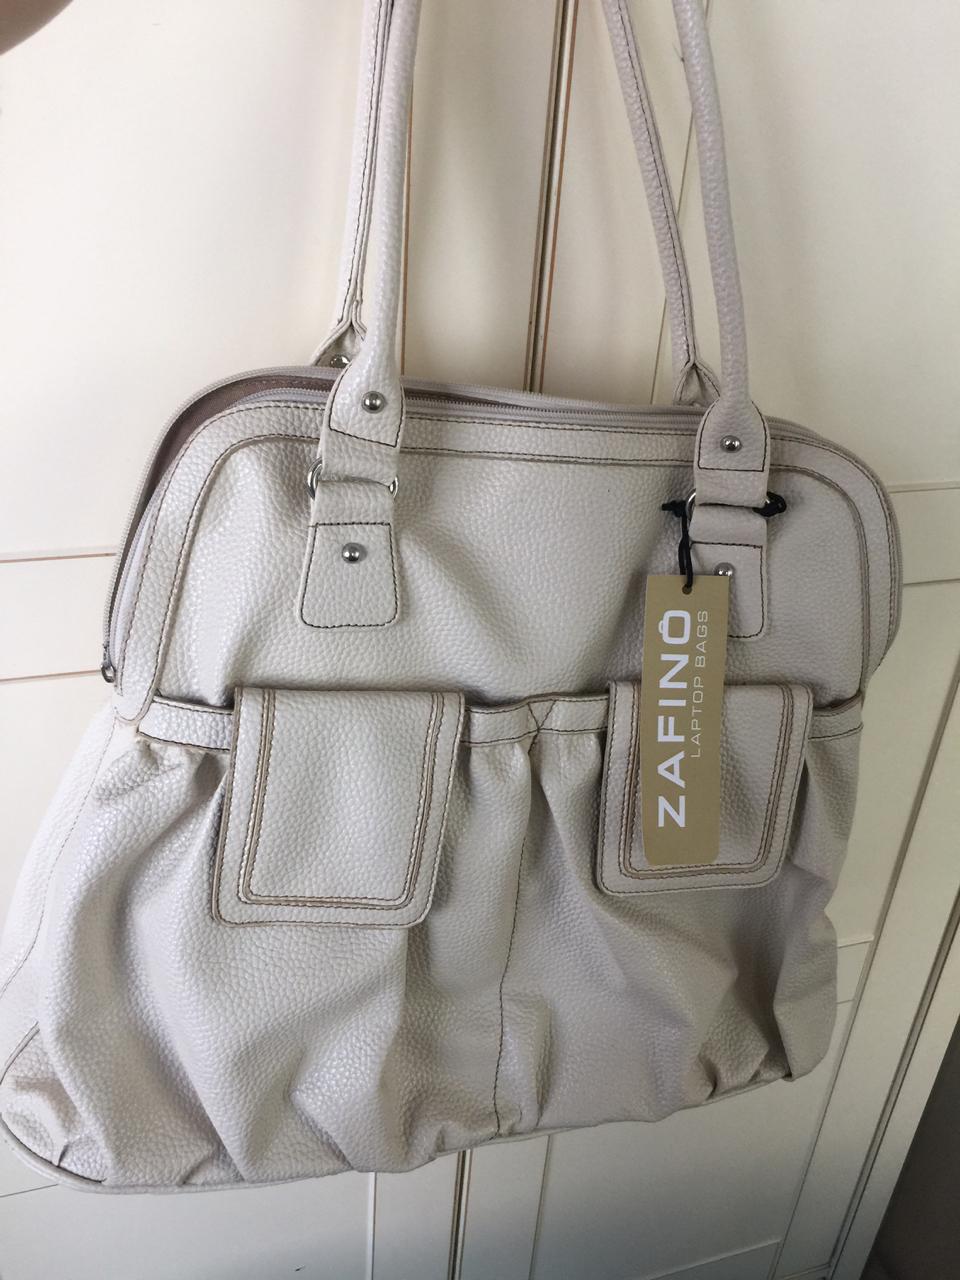 노트북 가방(미사용)